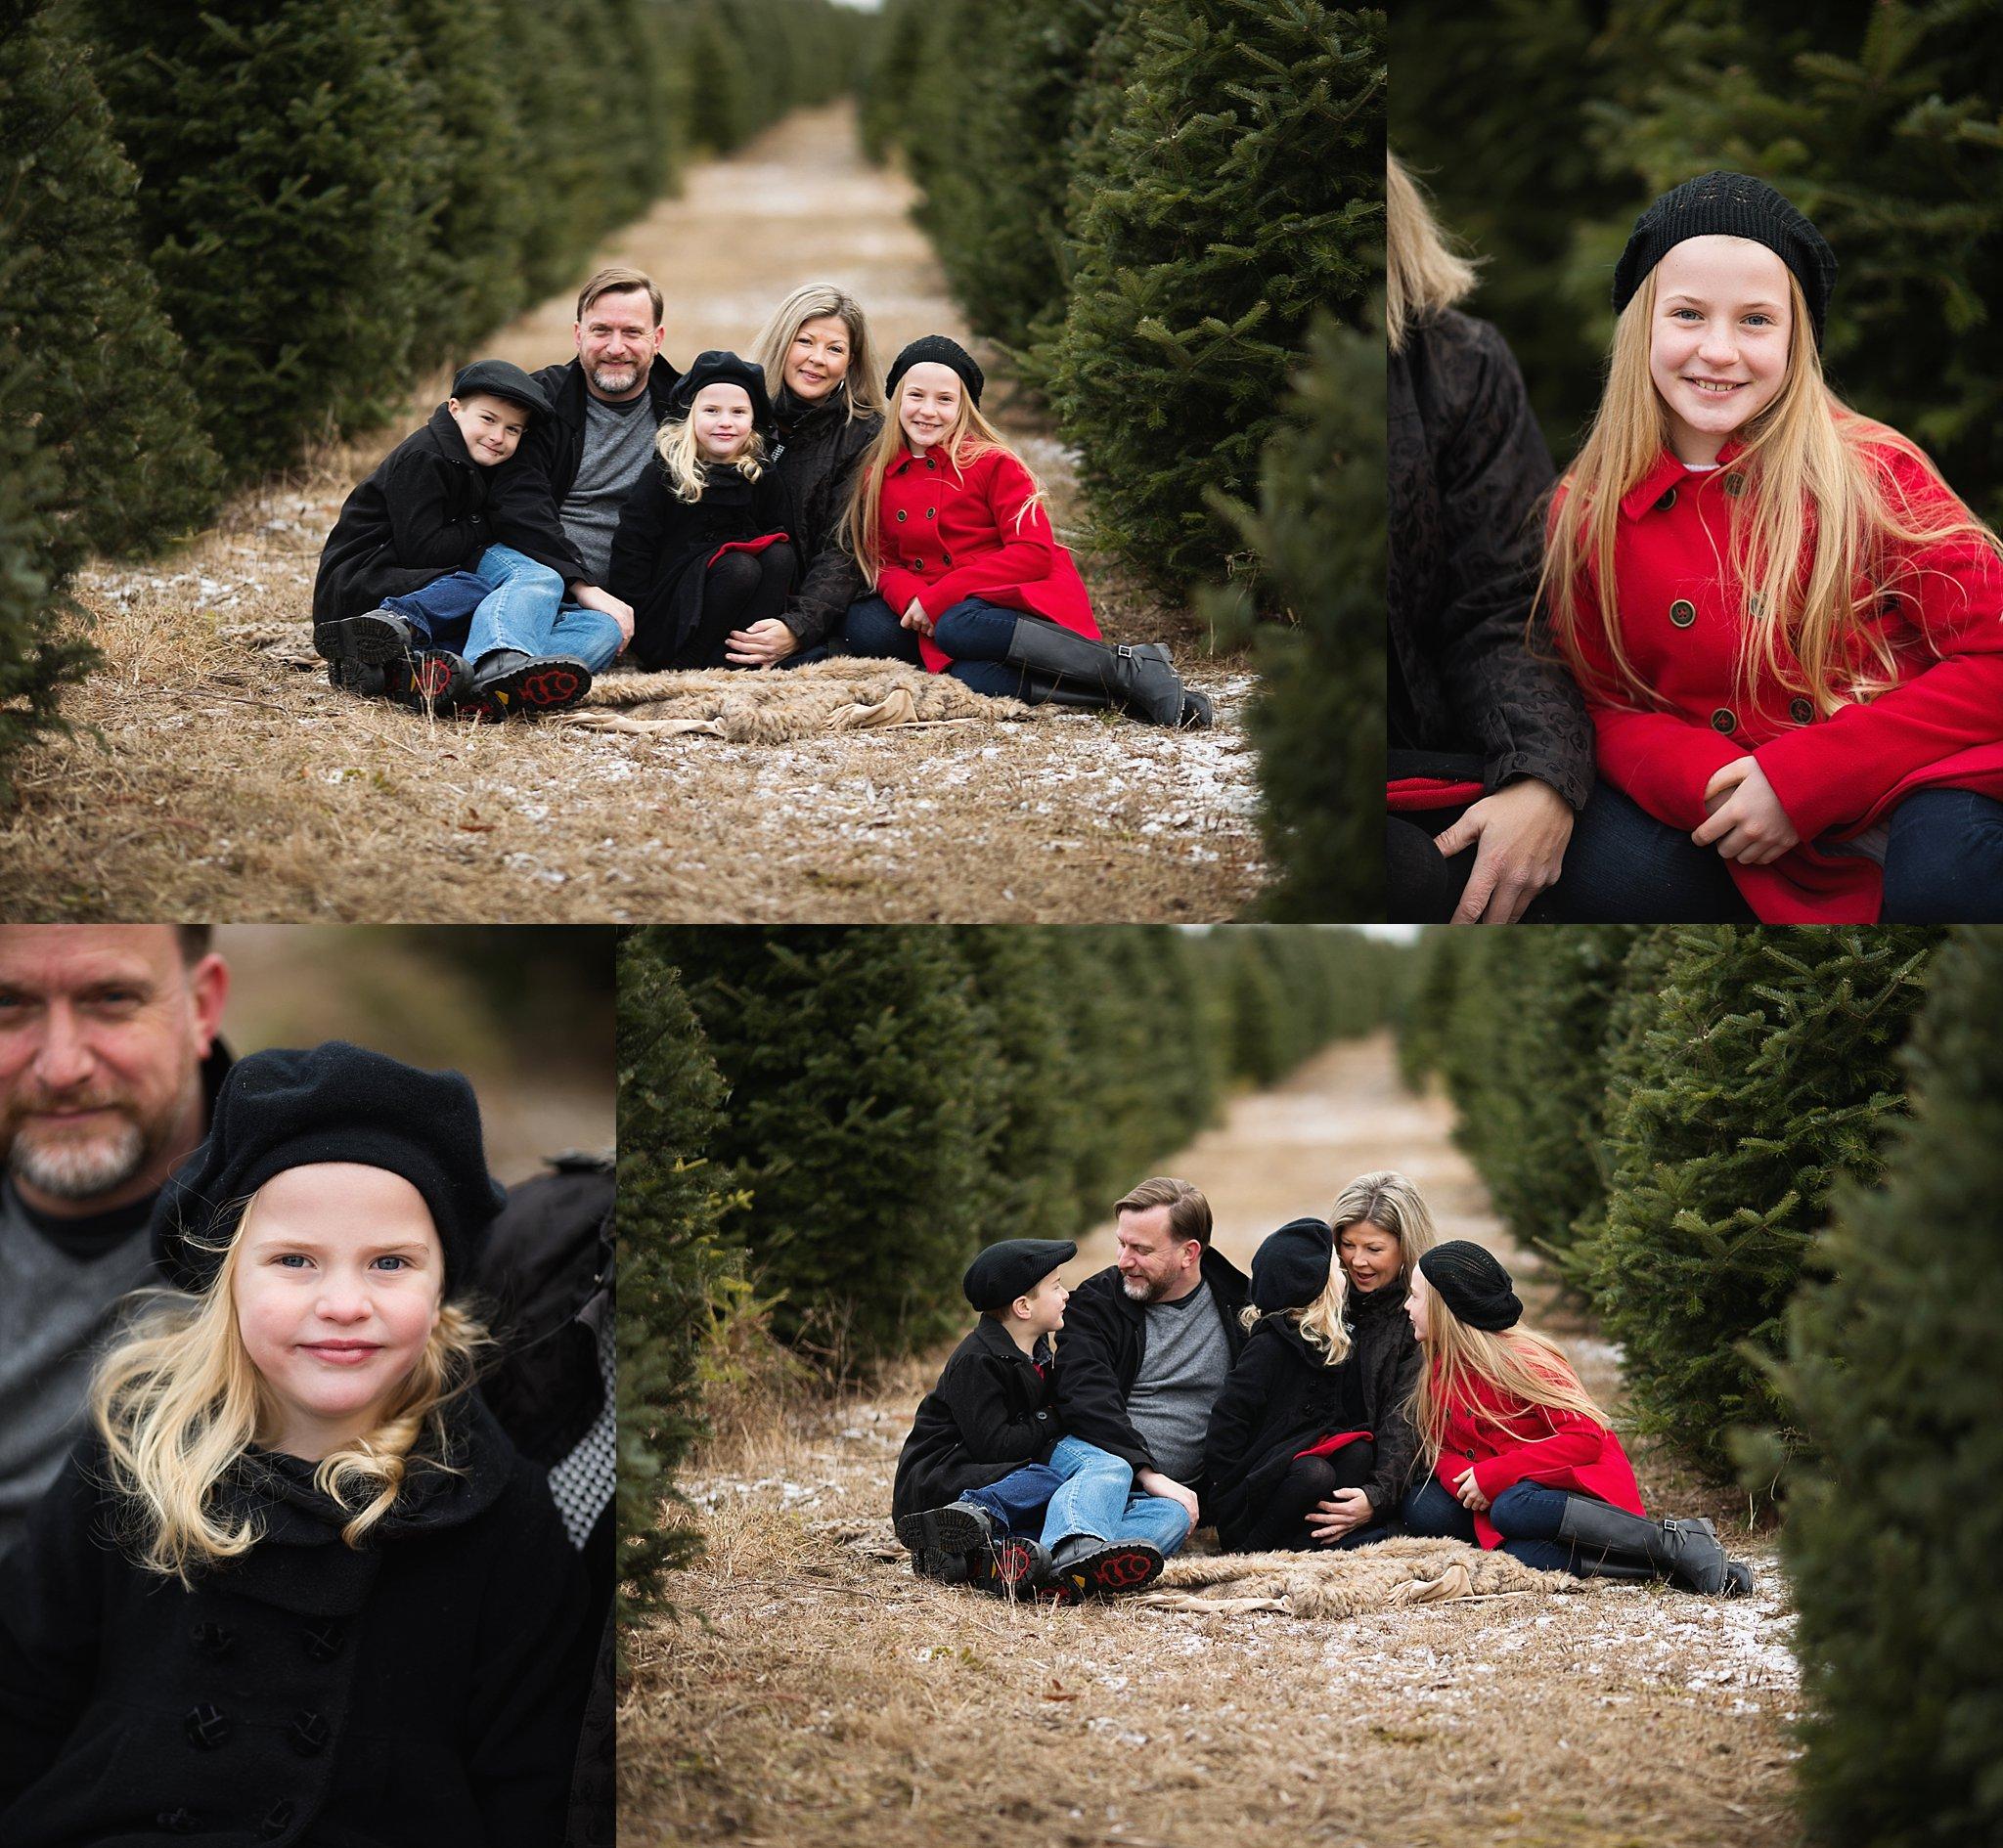 festive family portraits ottawa